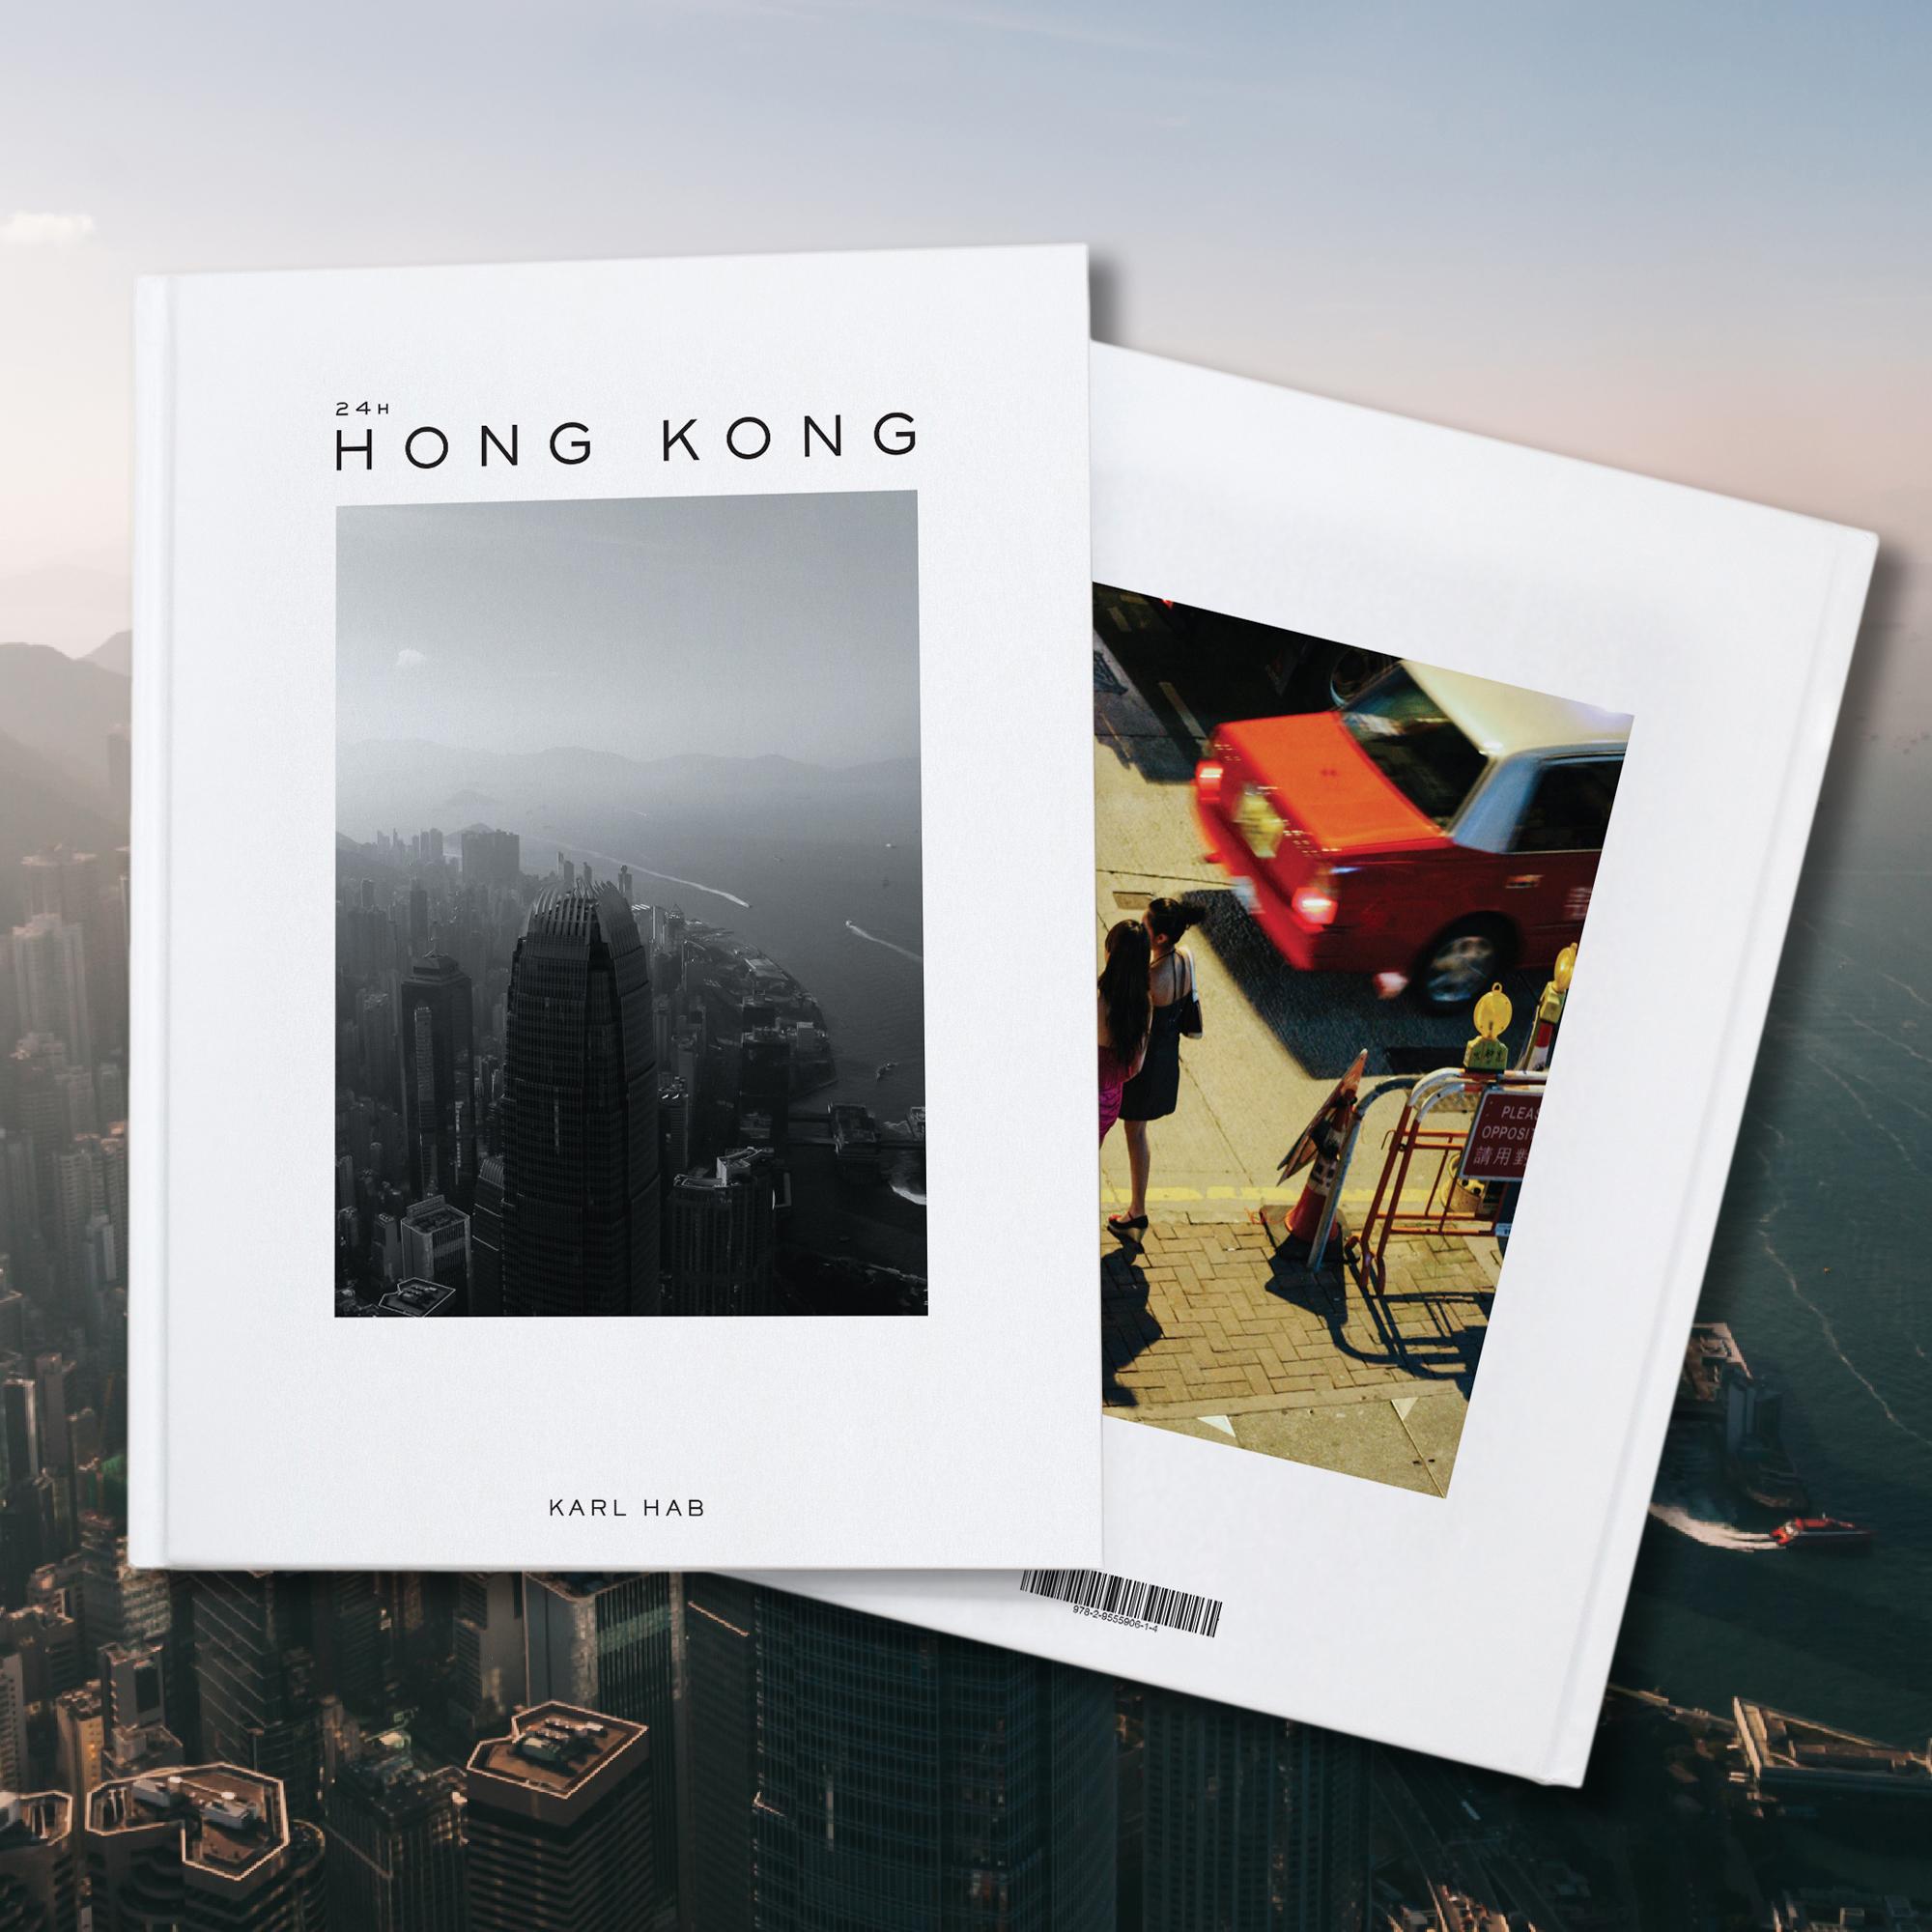 24HHONGKONGBOOK 000 - cover